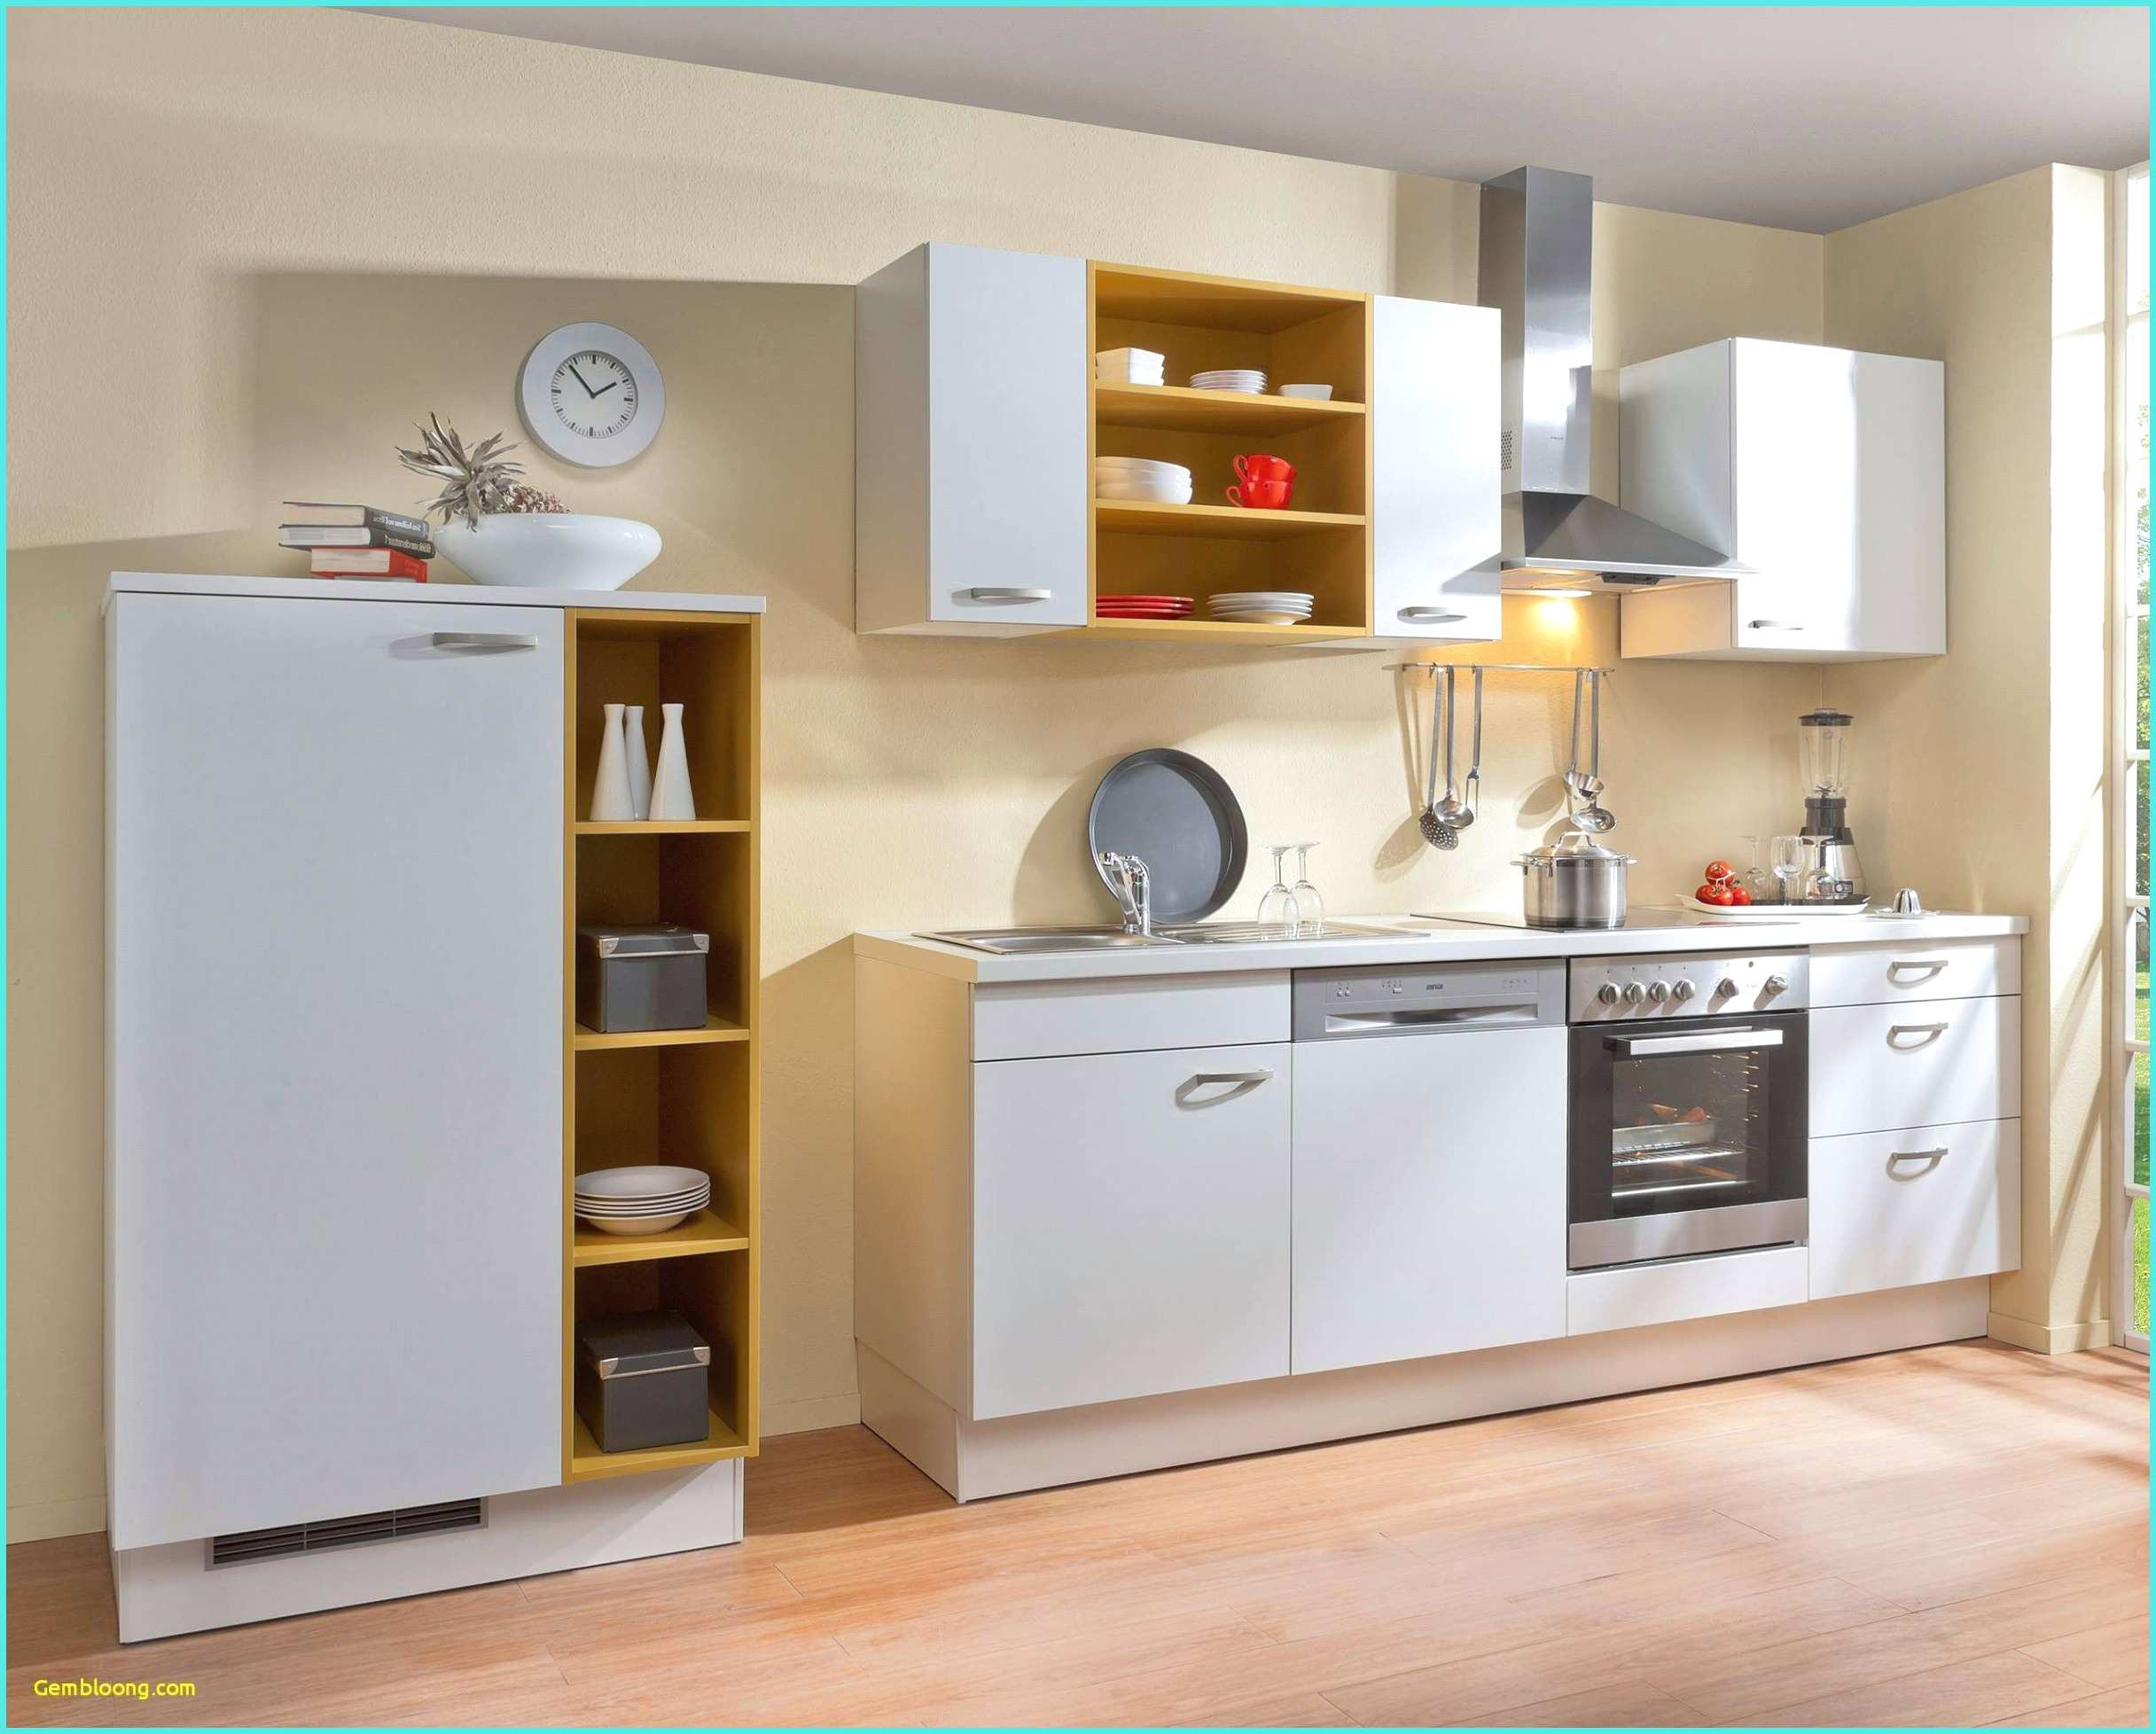 Full Size of Große Ideen Ikea Küchen Preise ? Temobardz Home Blog Küche Ikea Küche Kosten